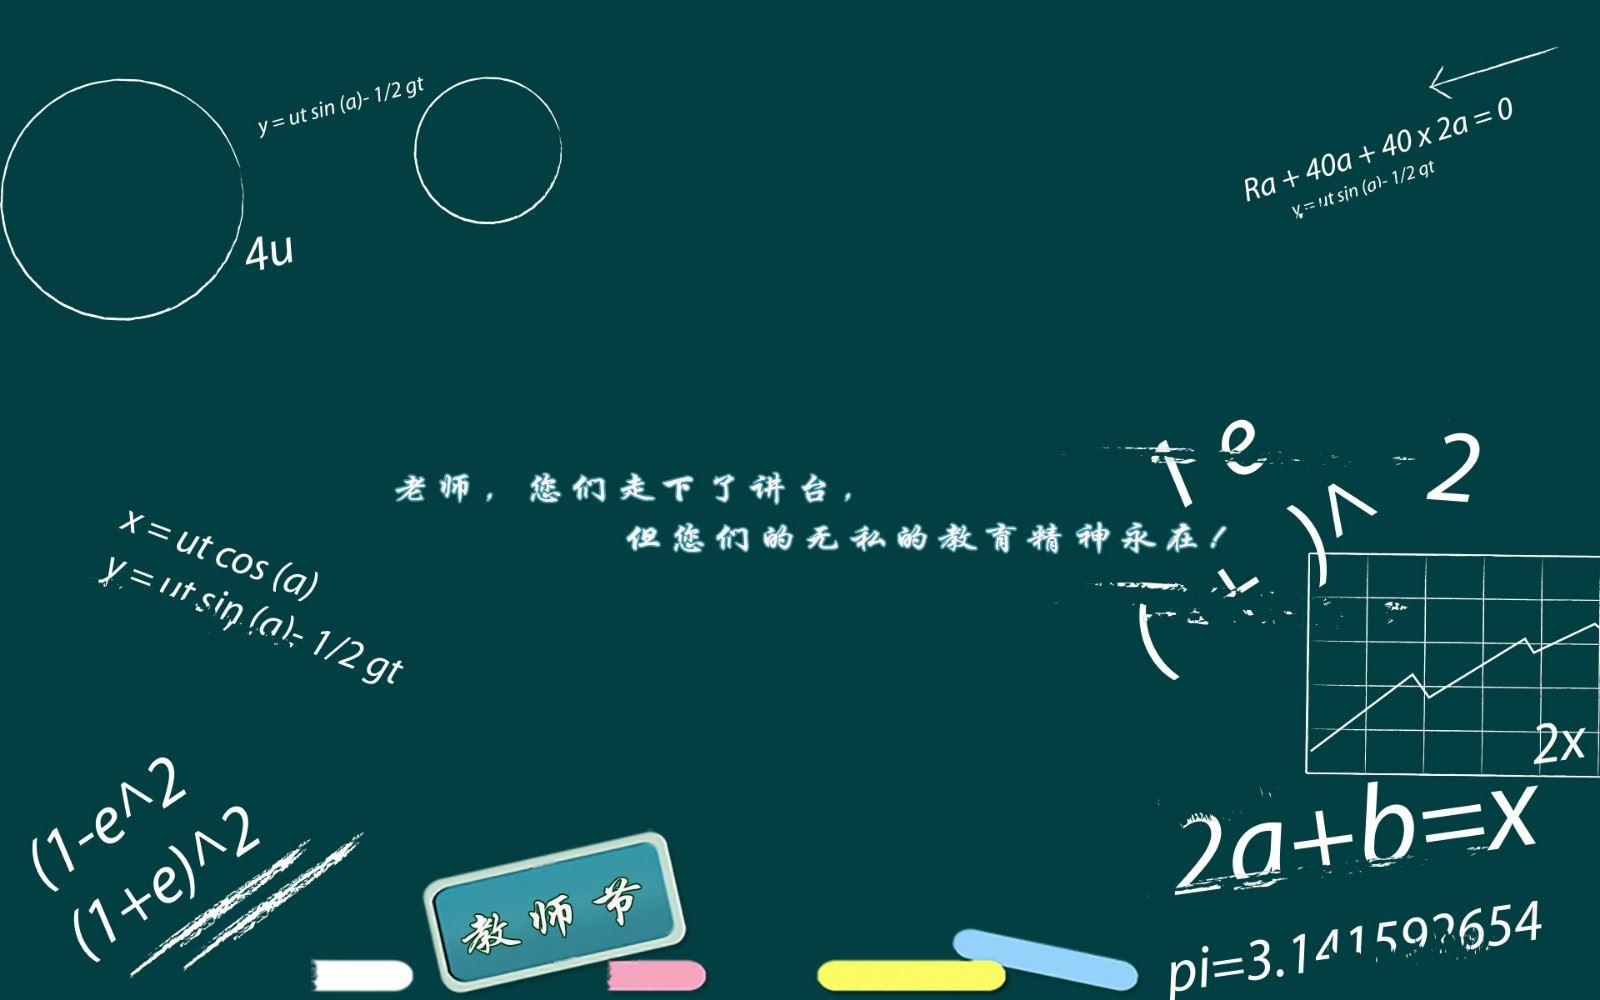 教师节感恩祝福语录老师